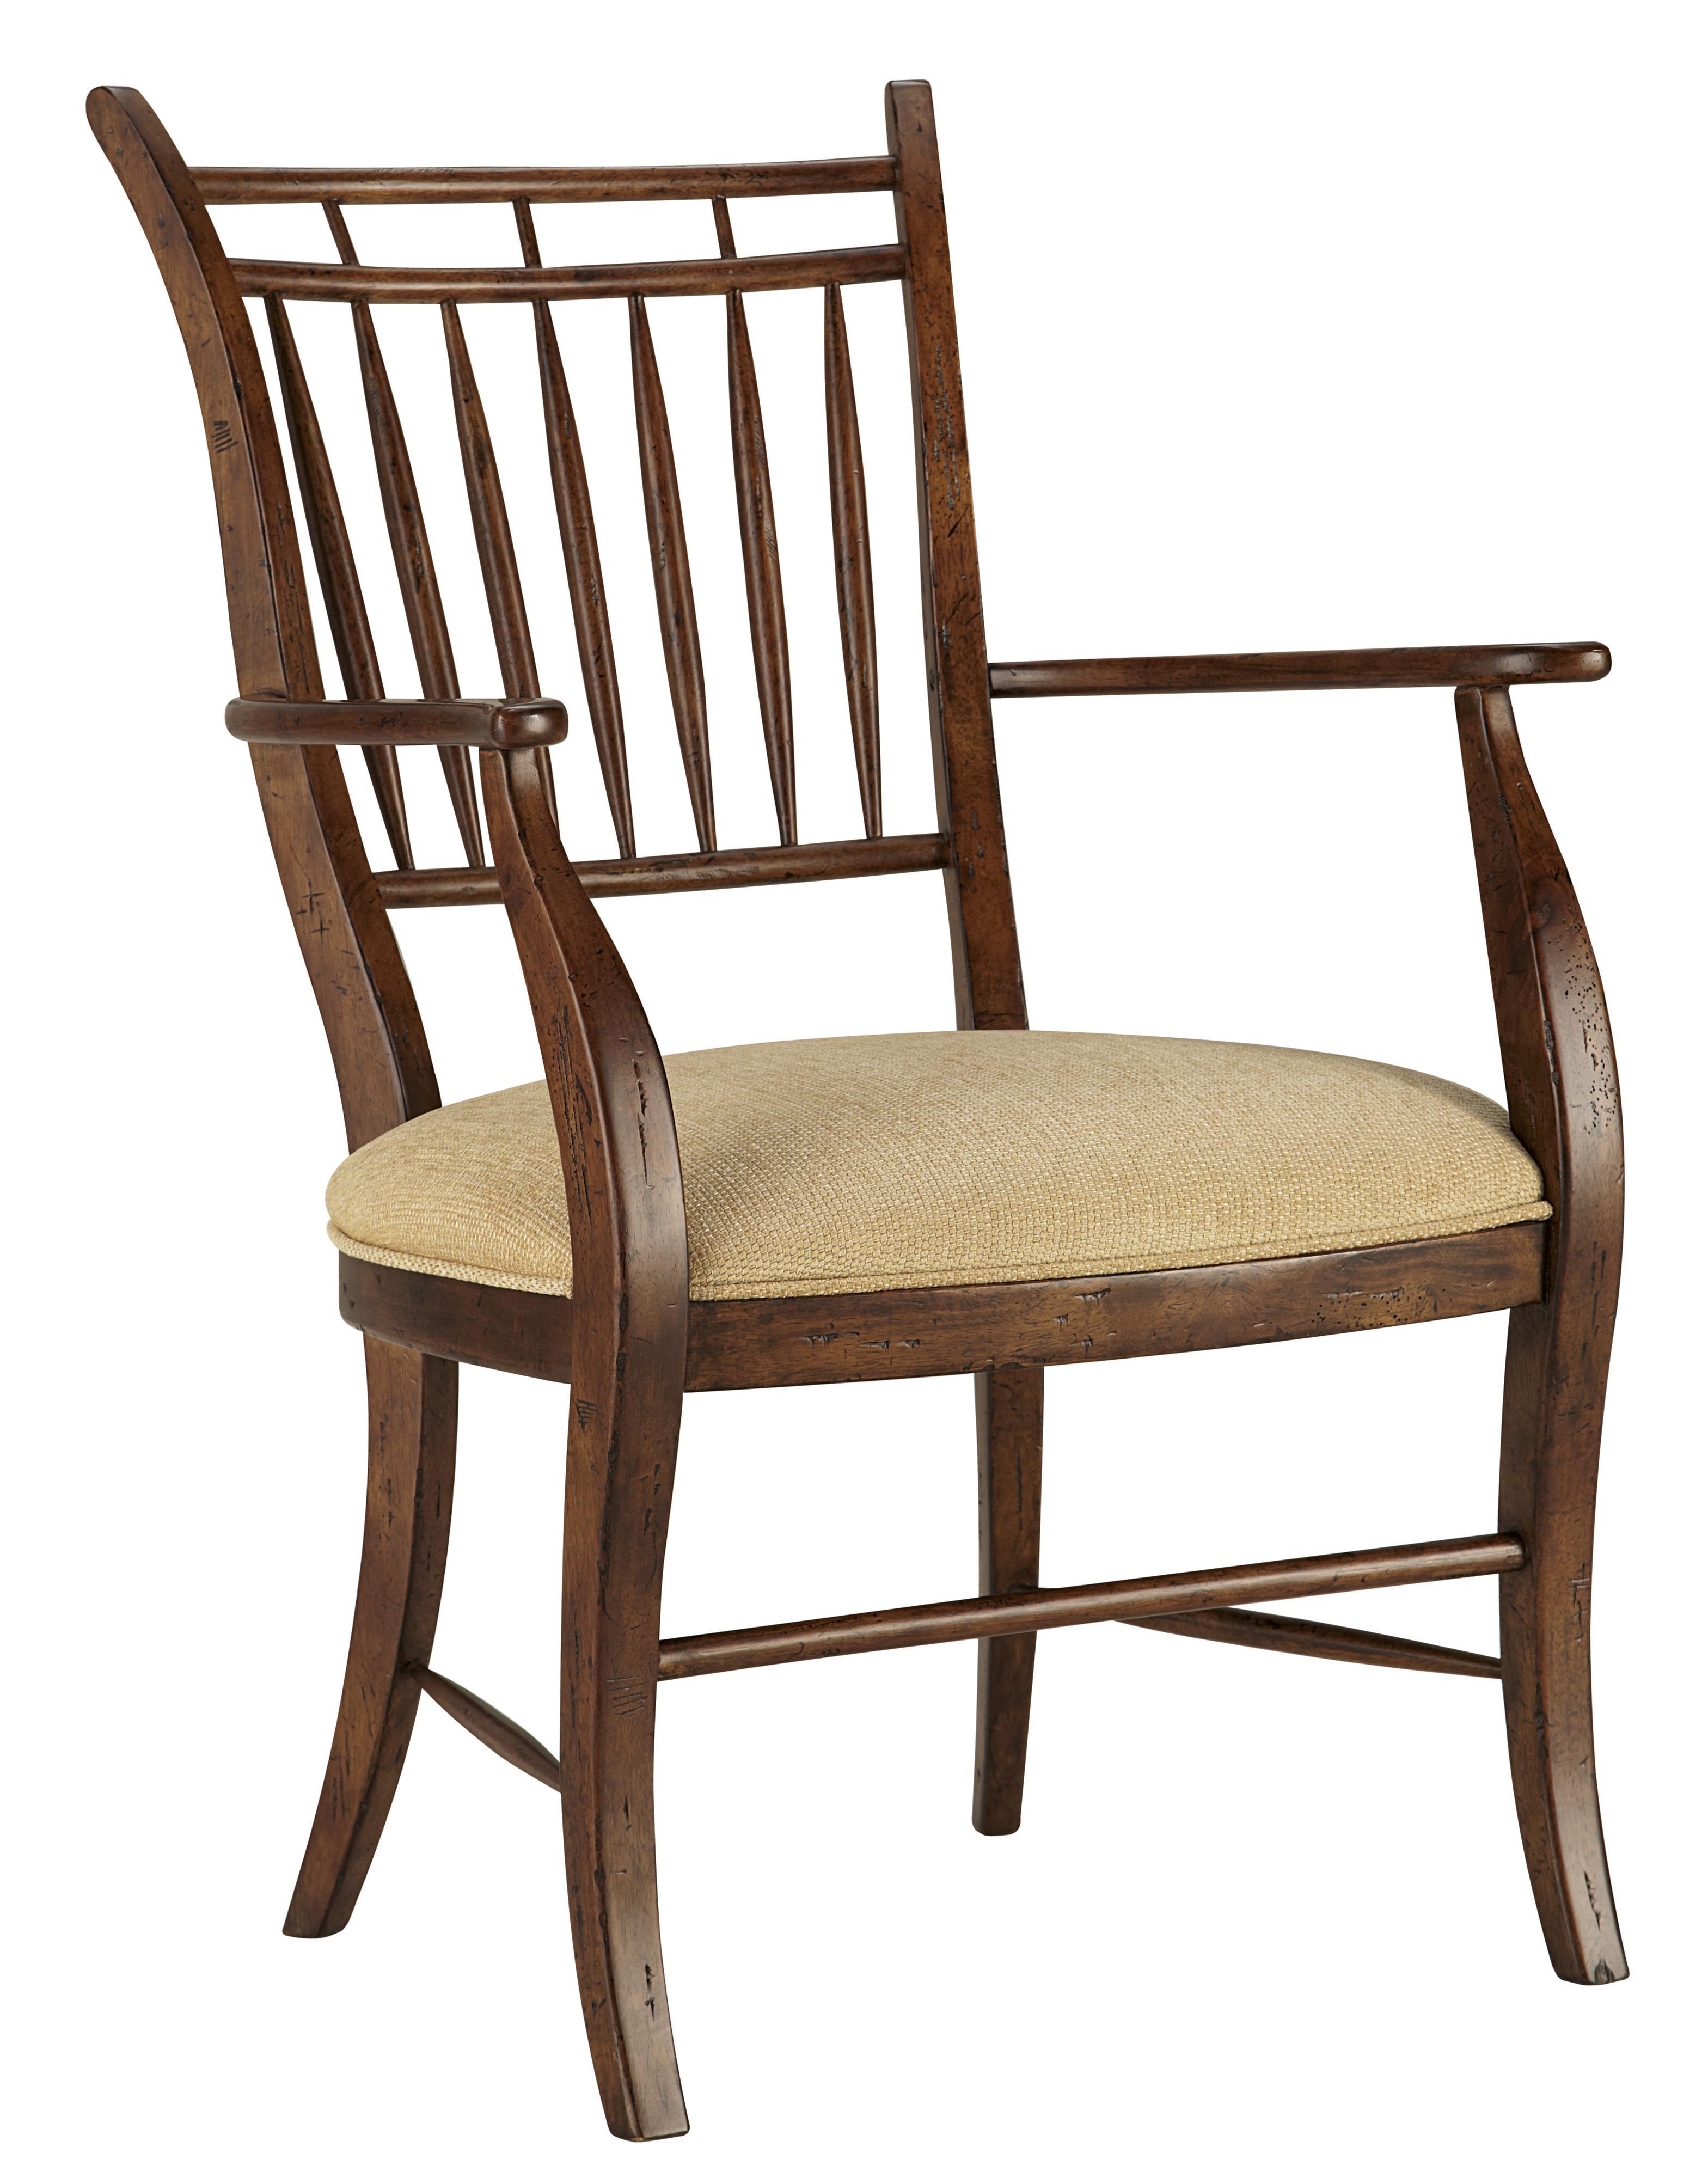 Fine Furniture Design Biltmore 1346-825 Spindle Dining Arm